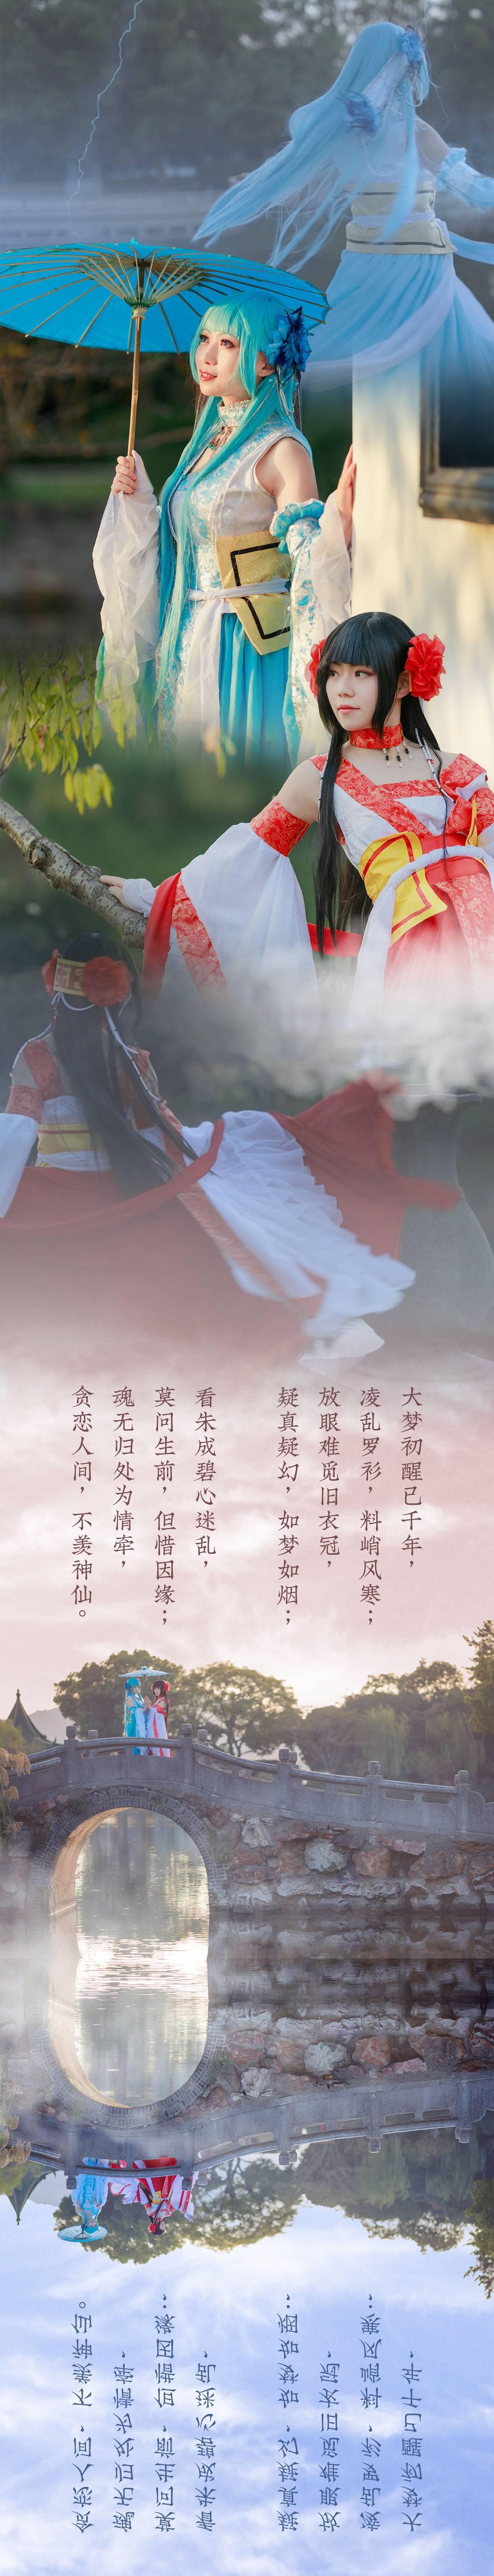 《仙剑奇侠传三》同人cosplay【CN:聆风语约】-第8张